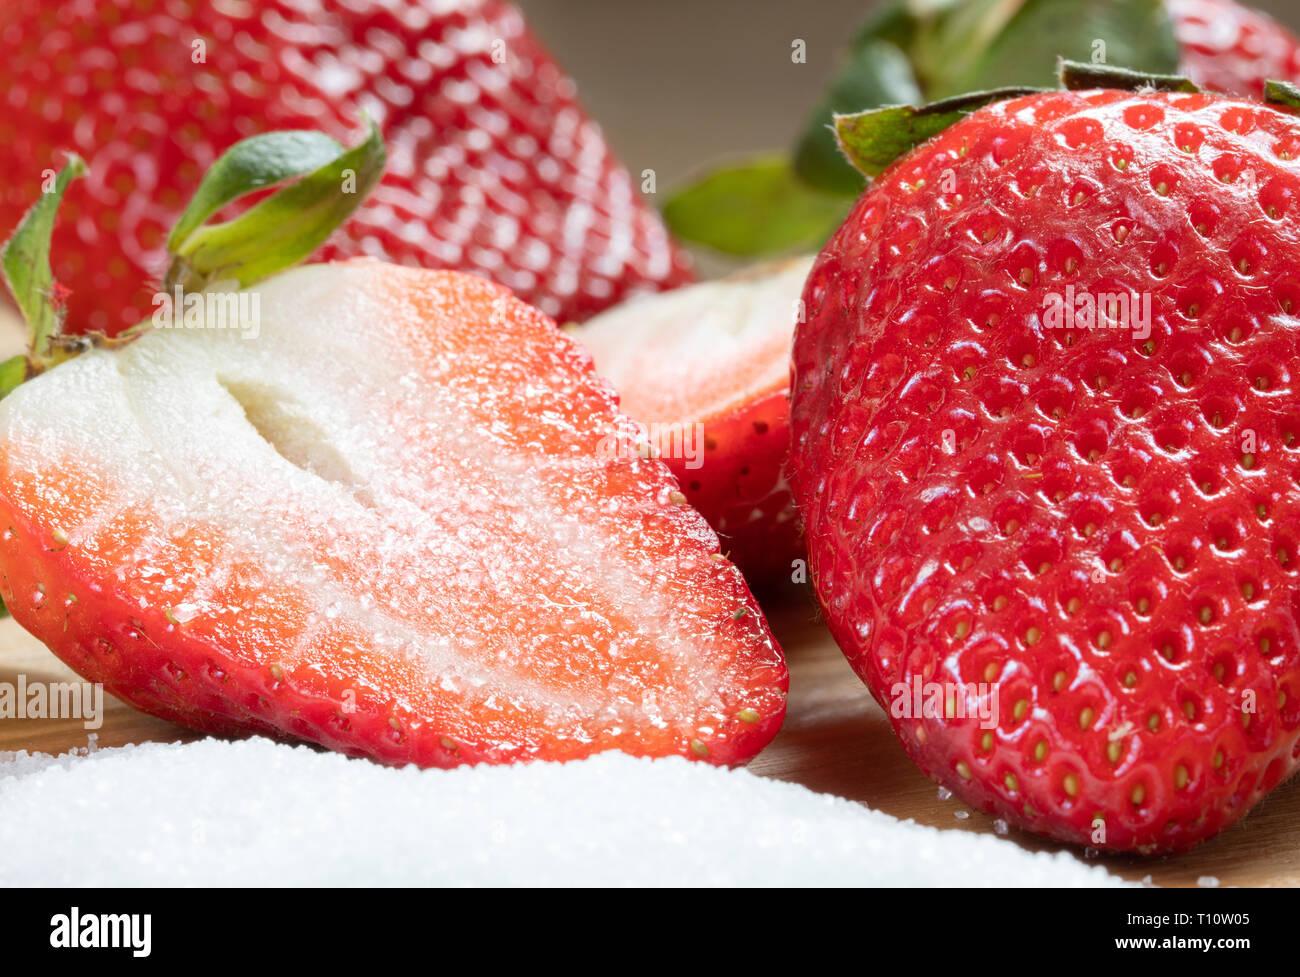 La dolcezza di mezza fragola sullo zucchero. Dolce con. Il cibo e la fotografia macro Immagini Stock